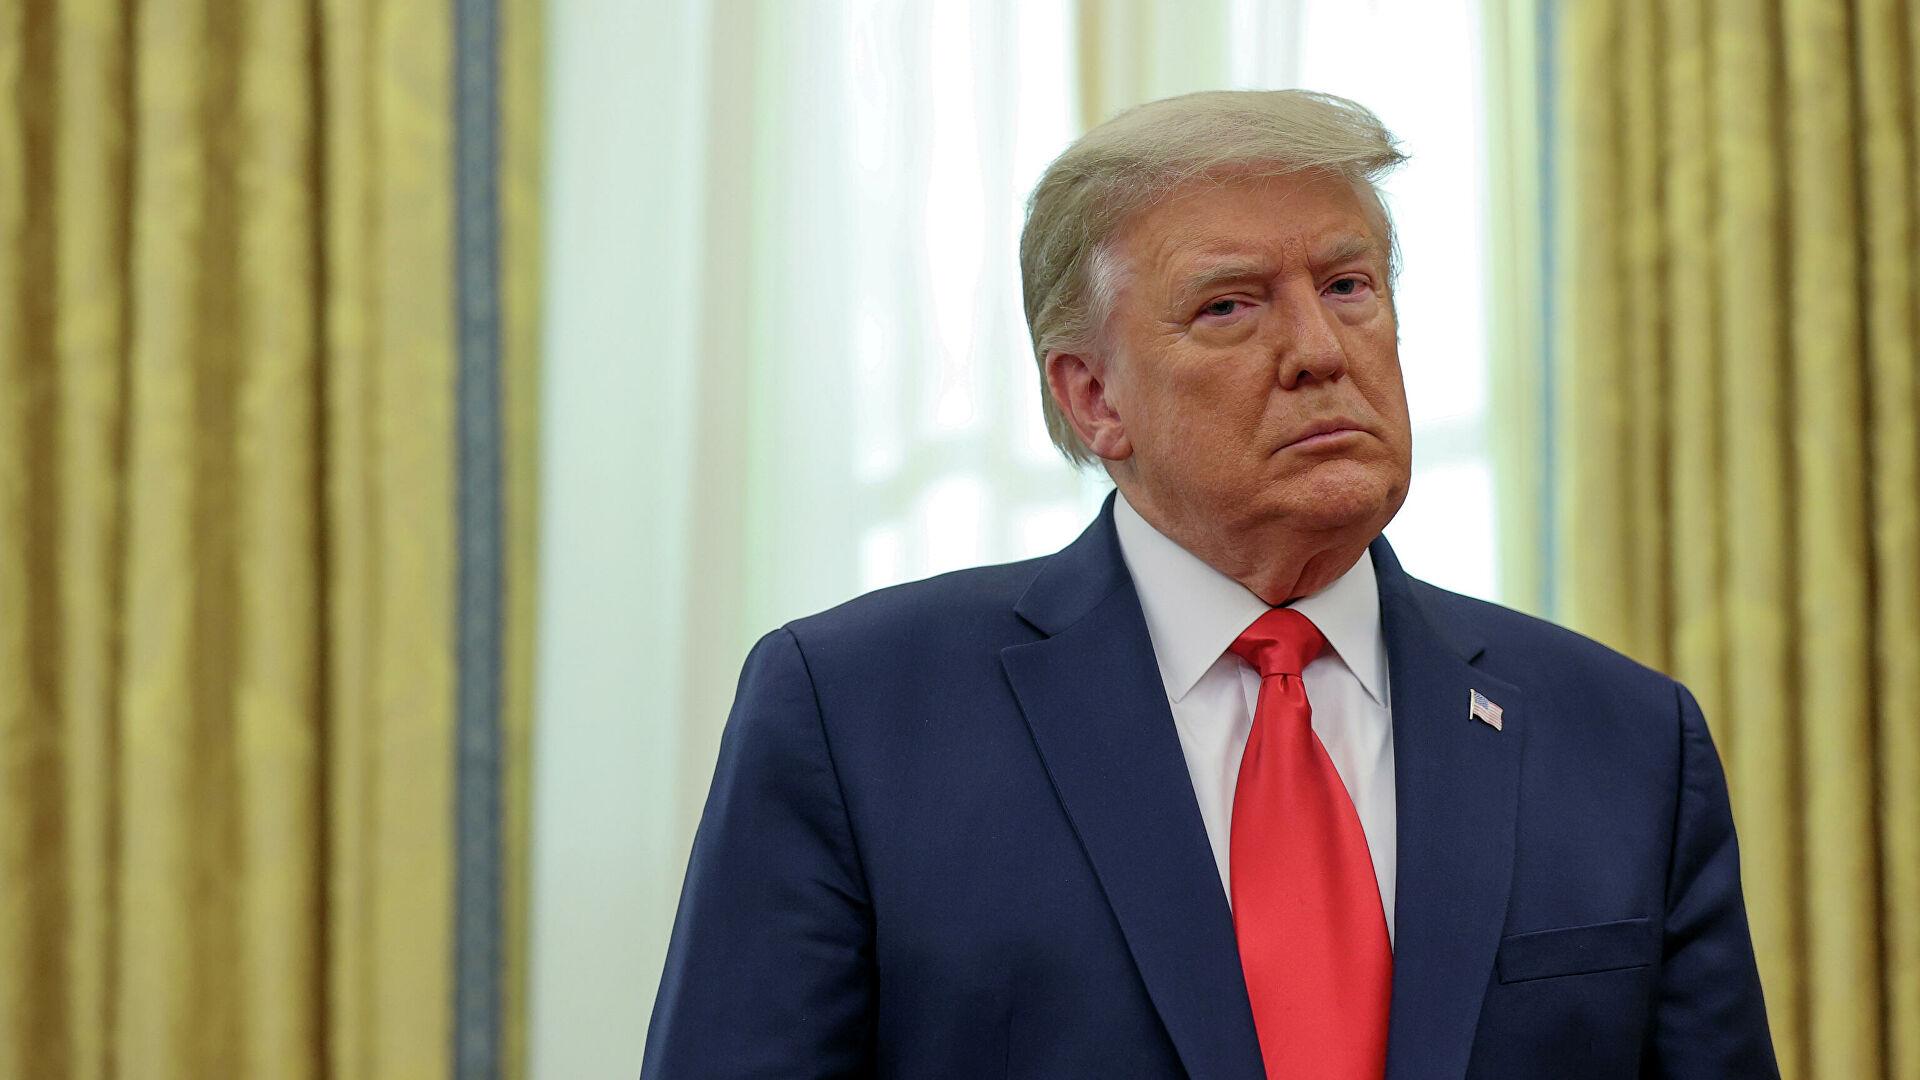 Трамп подписал бюджет на 2021 год и одобрил пакет мер по спасению экономики